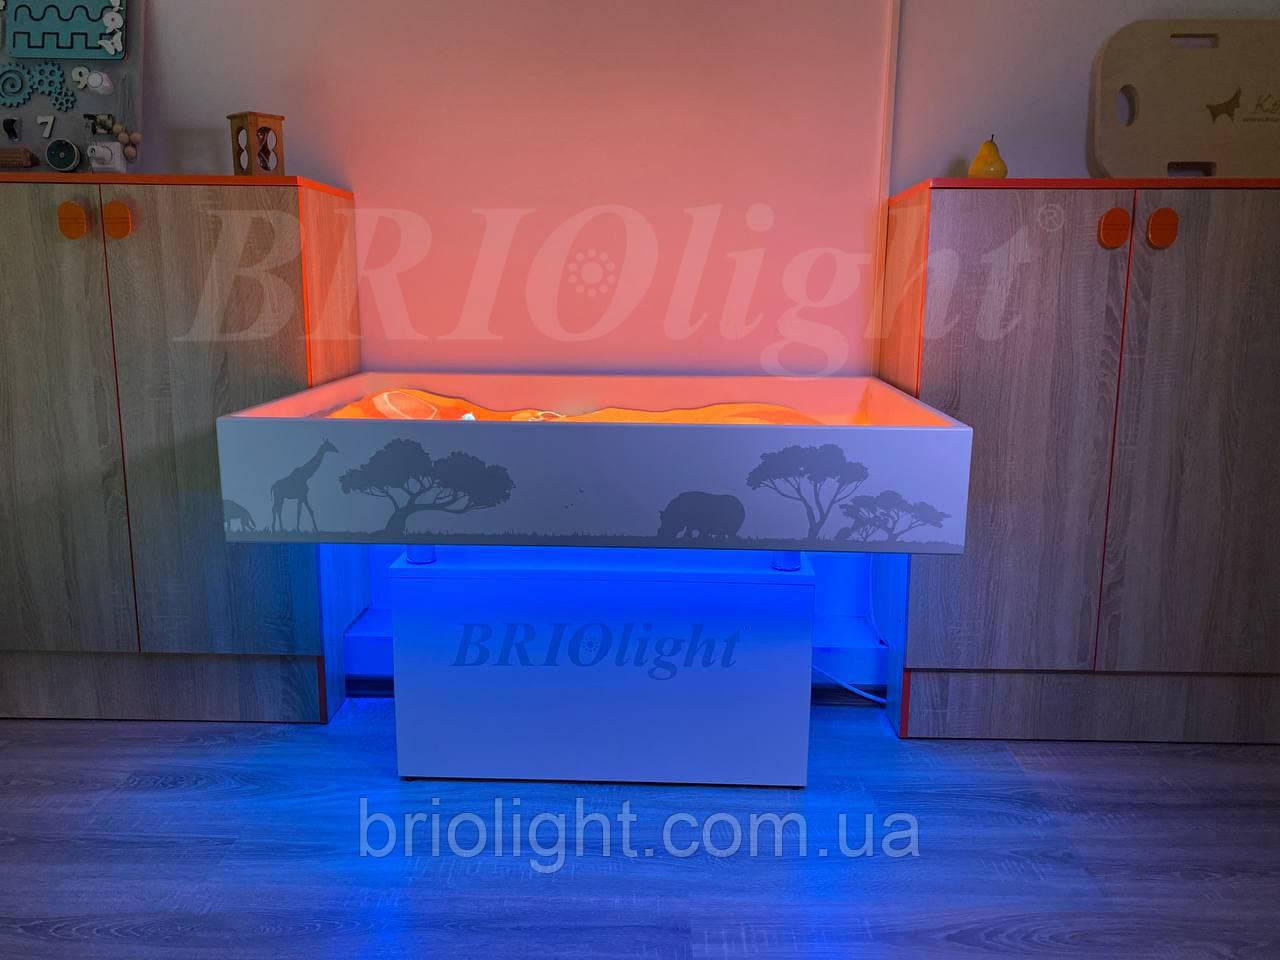 Інтерактивна пісочниця Briolight Е